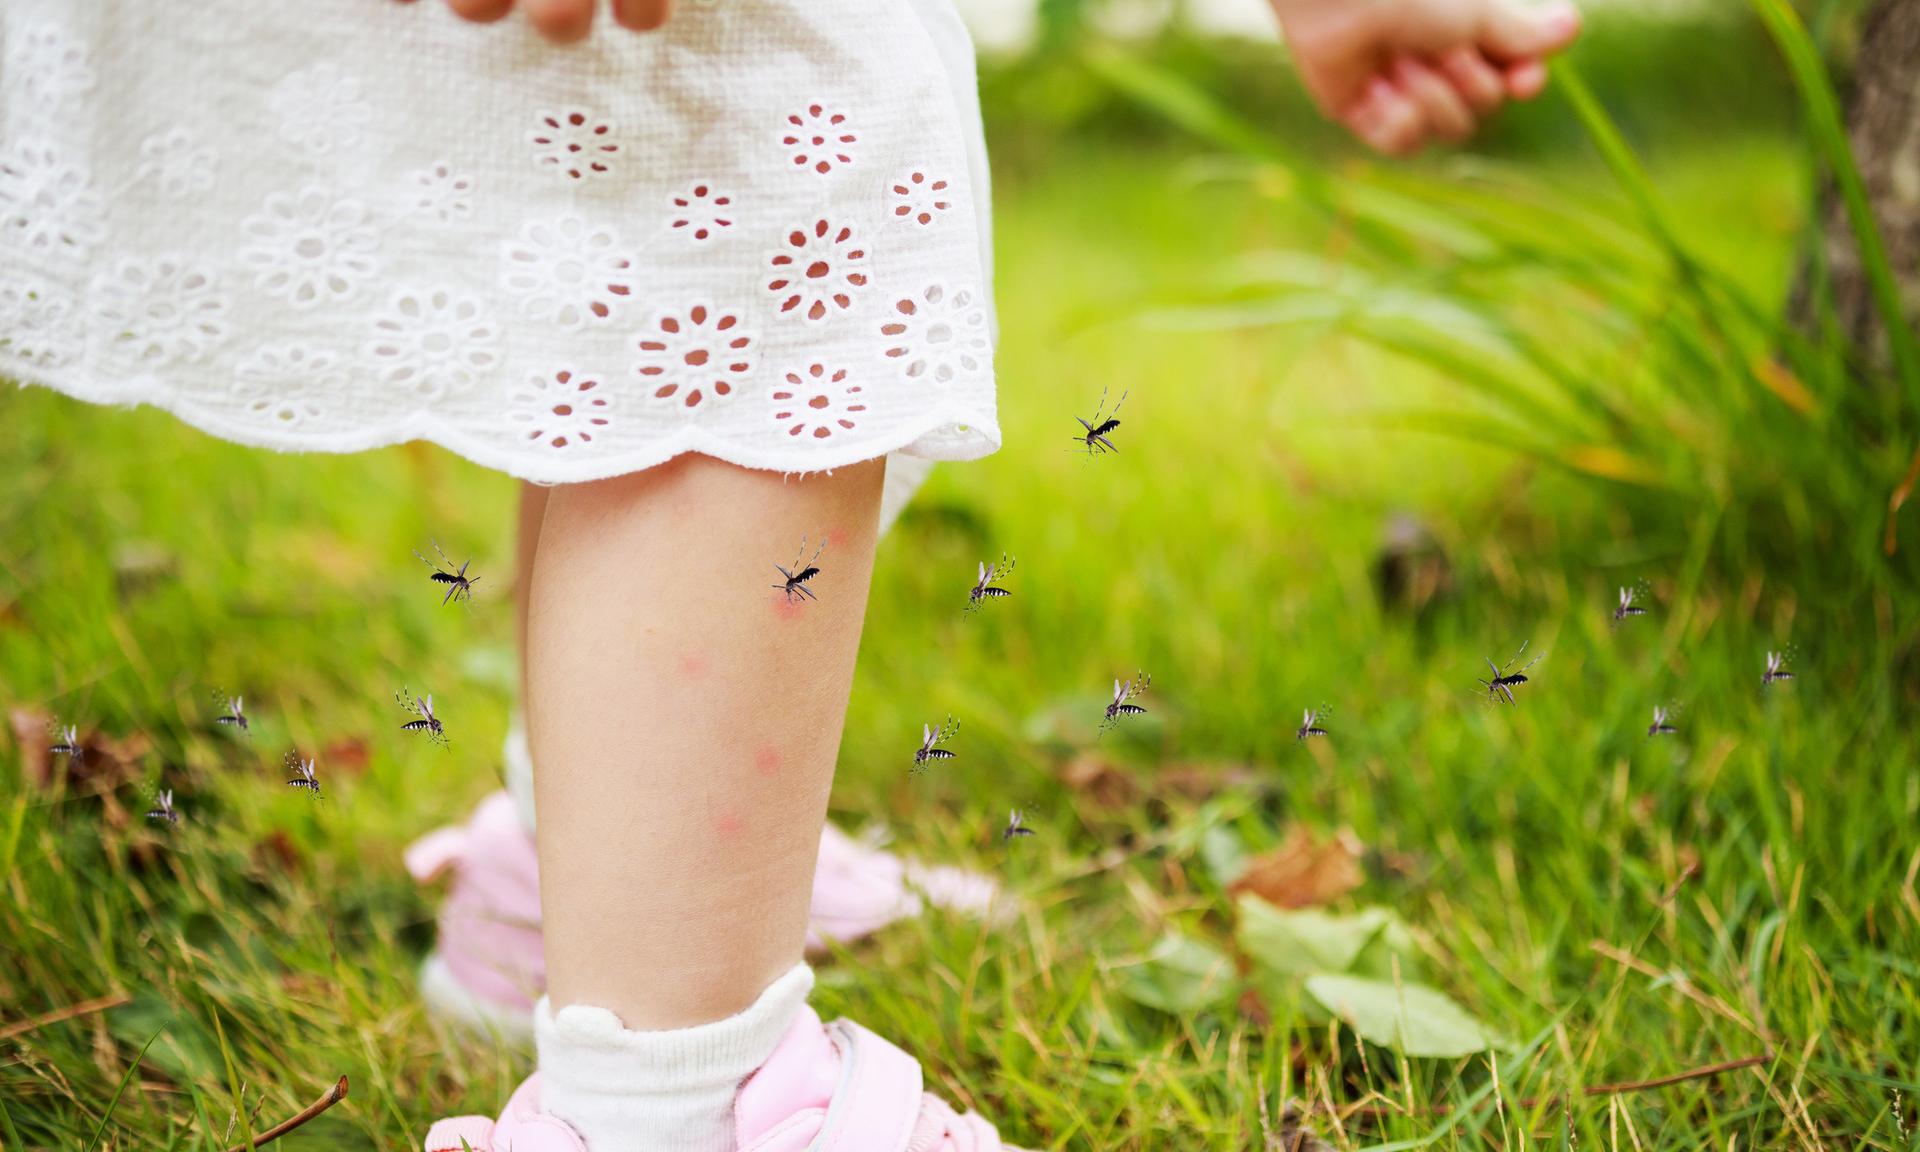 Как защитить ребенка от комаров и мошек дома и на природе